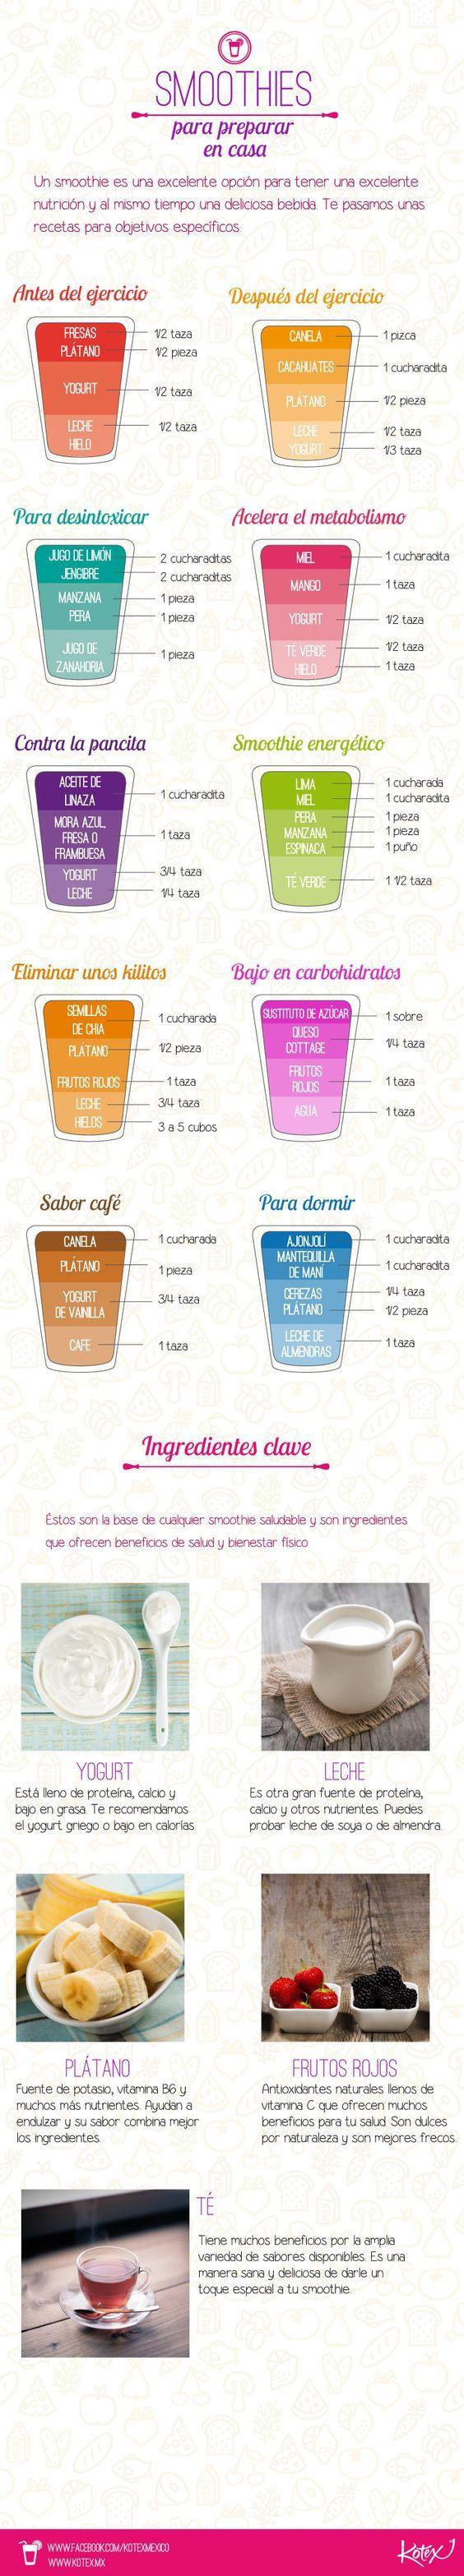 Un smoothie es una excelente opción para tener una bebida sana y deliciosa. #infografia #smoothie #health #salud: